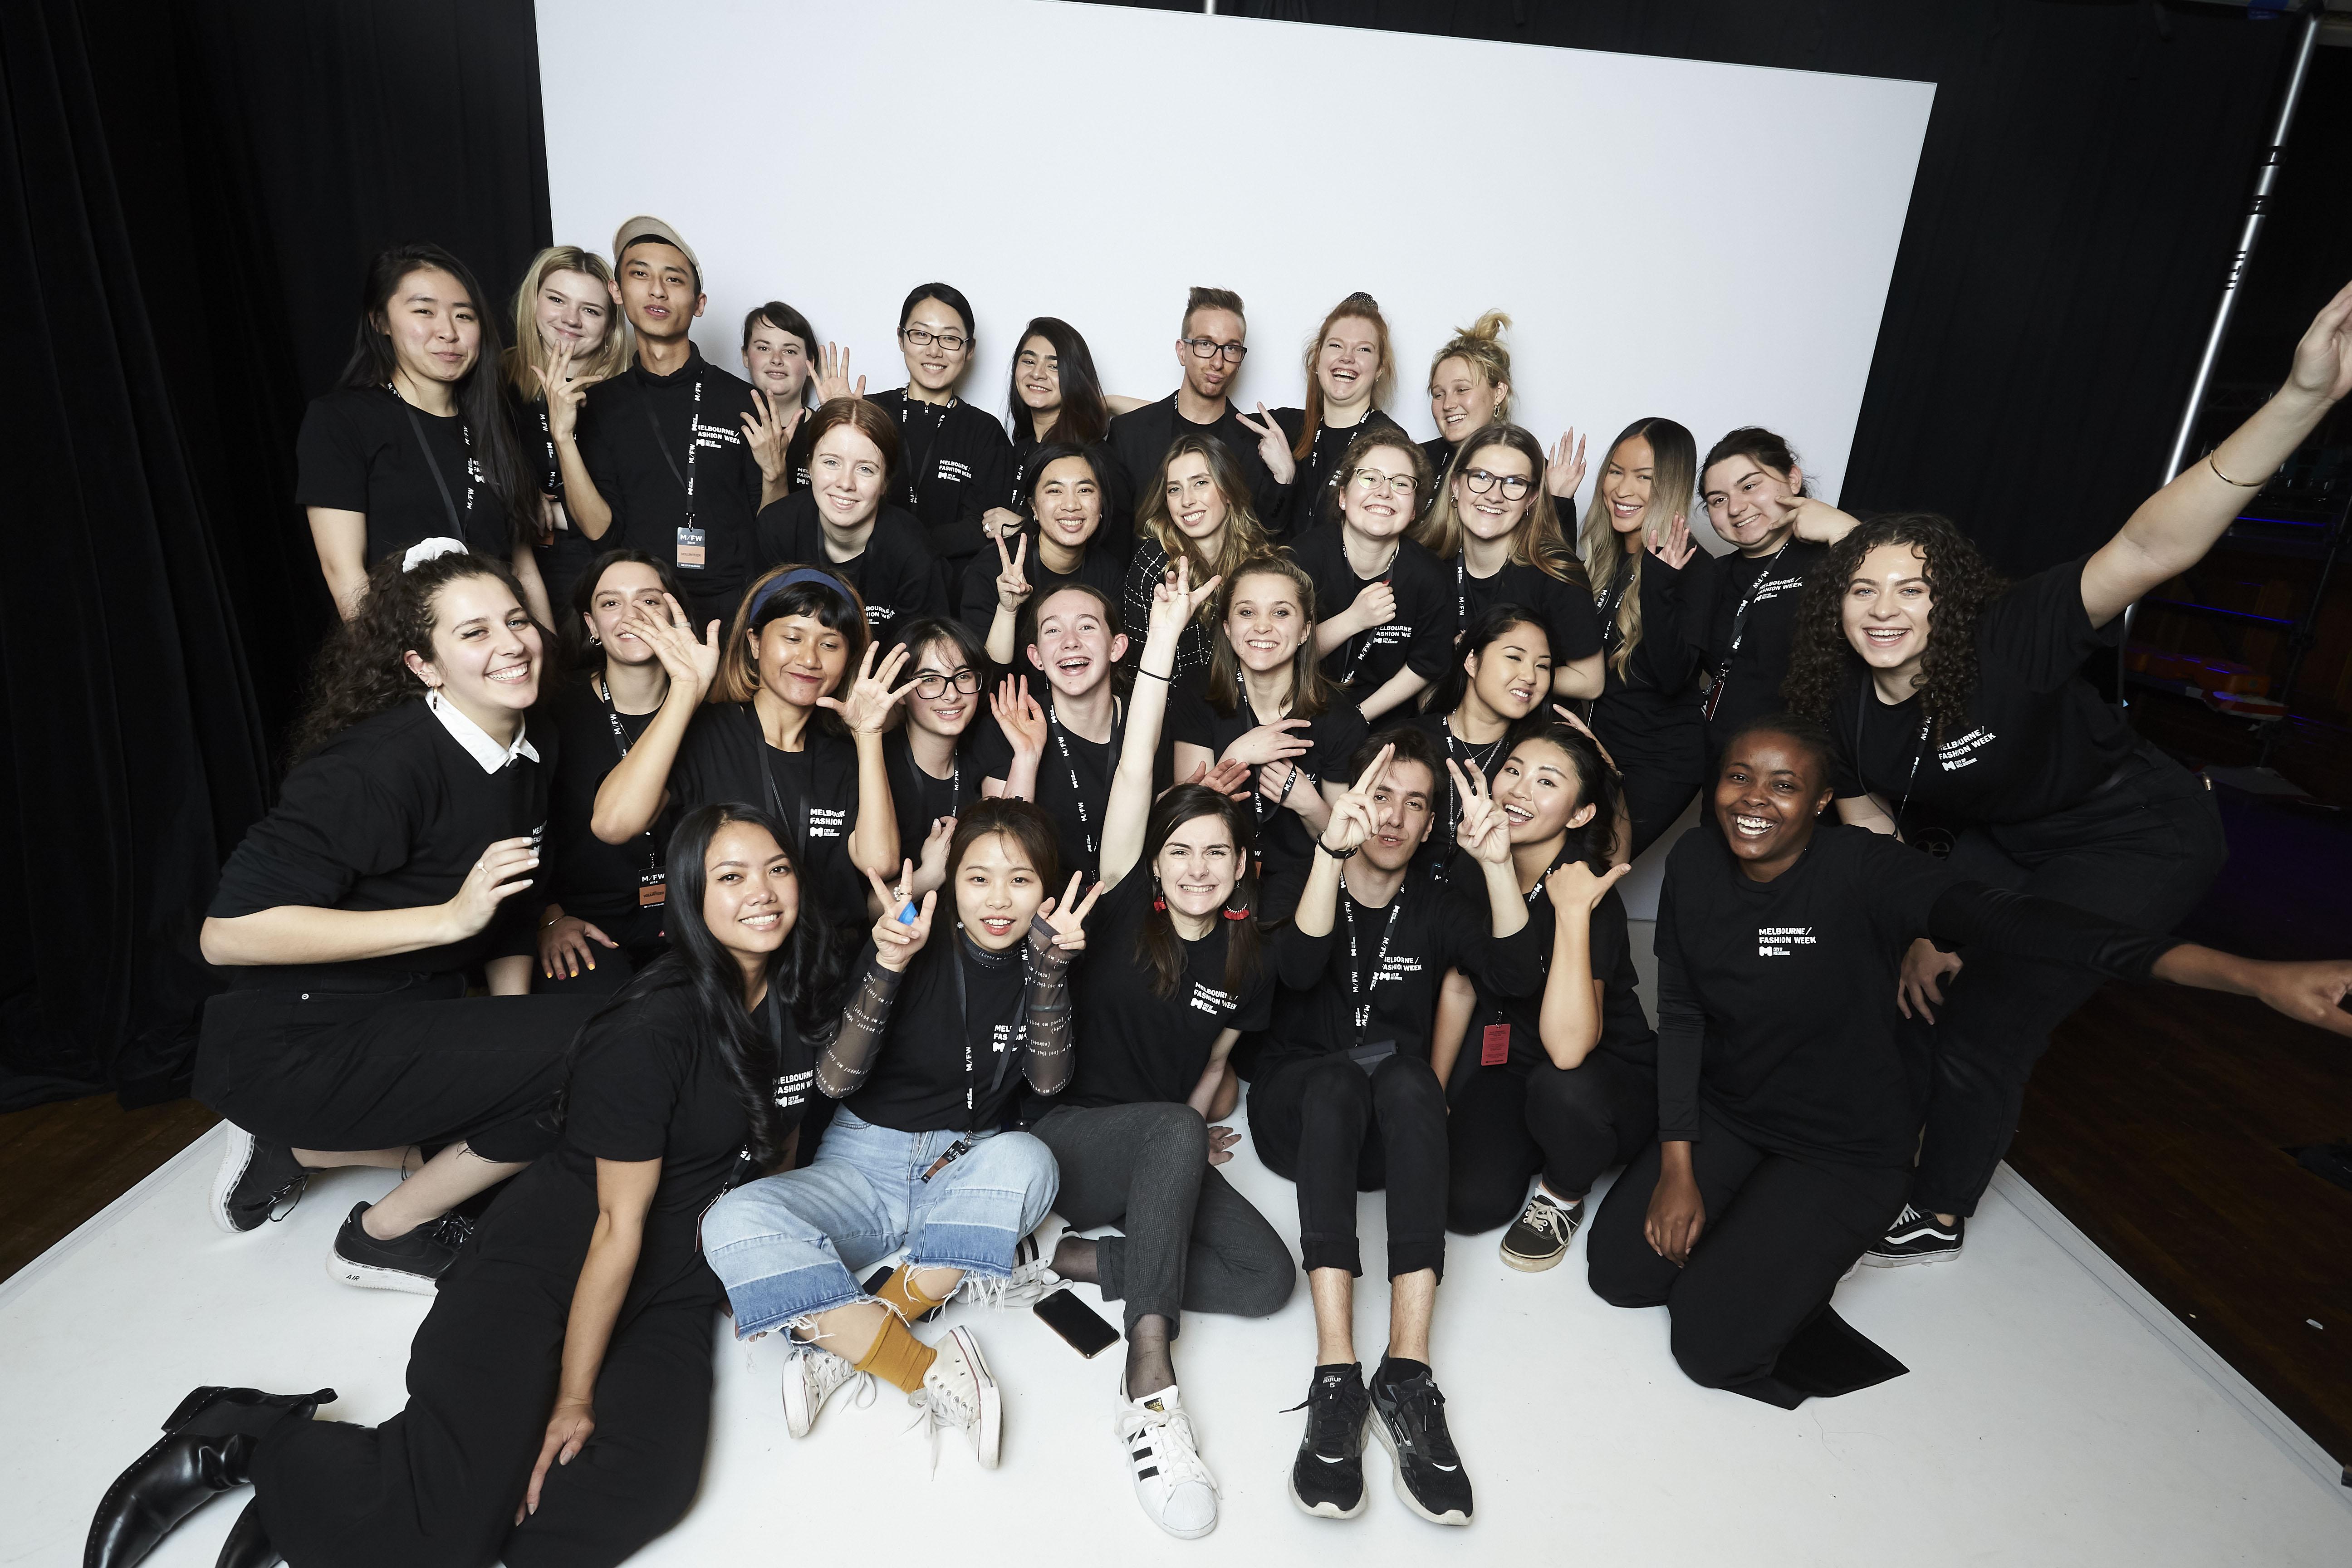 Melbourne Music Week volunteers